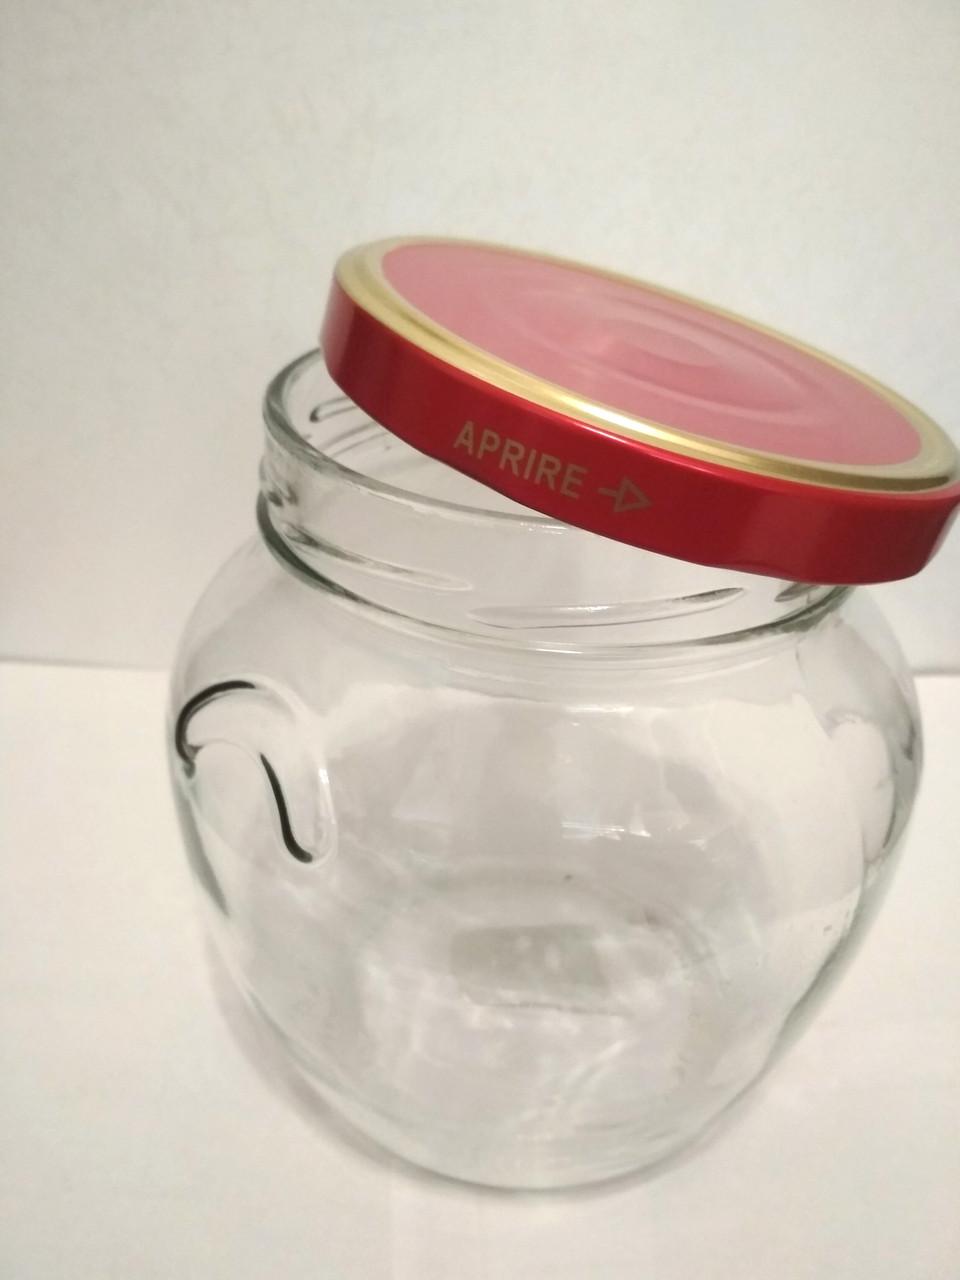 Банка стеклянная для консервации 1700 мл Everglass Амфора с металлической красной крышкой Twist-off - фото 2